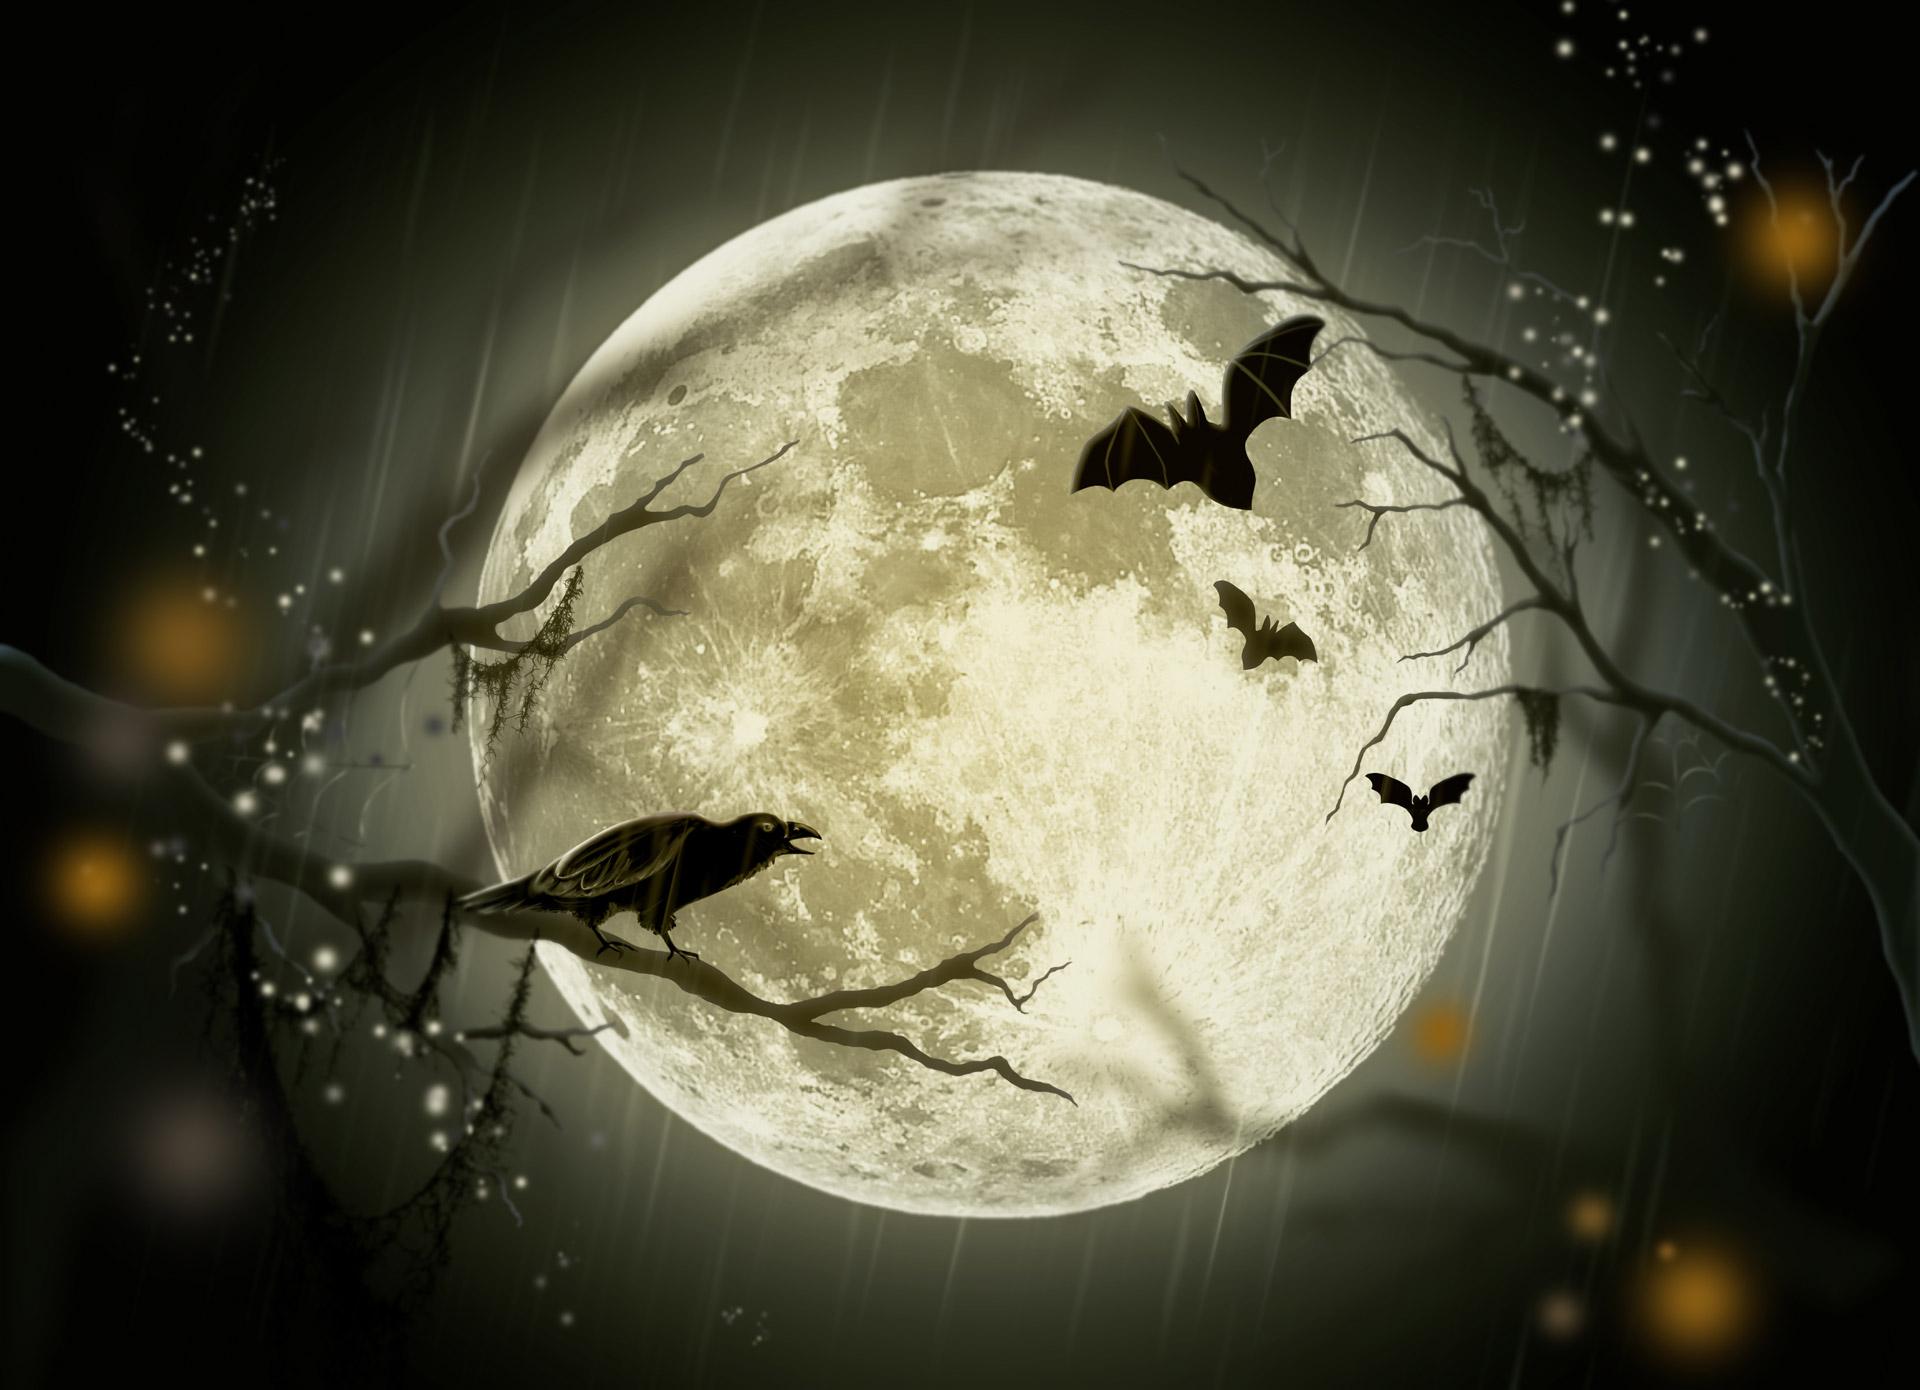 halloween-by Larisa Koshkina publicdomainpicturesdotnet